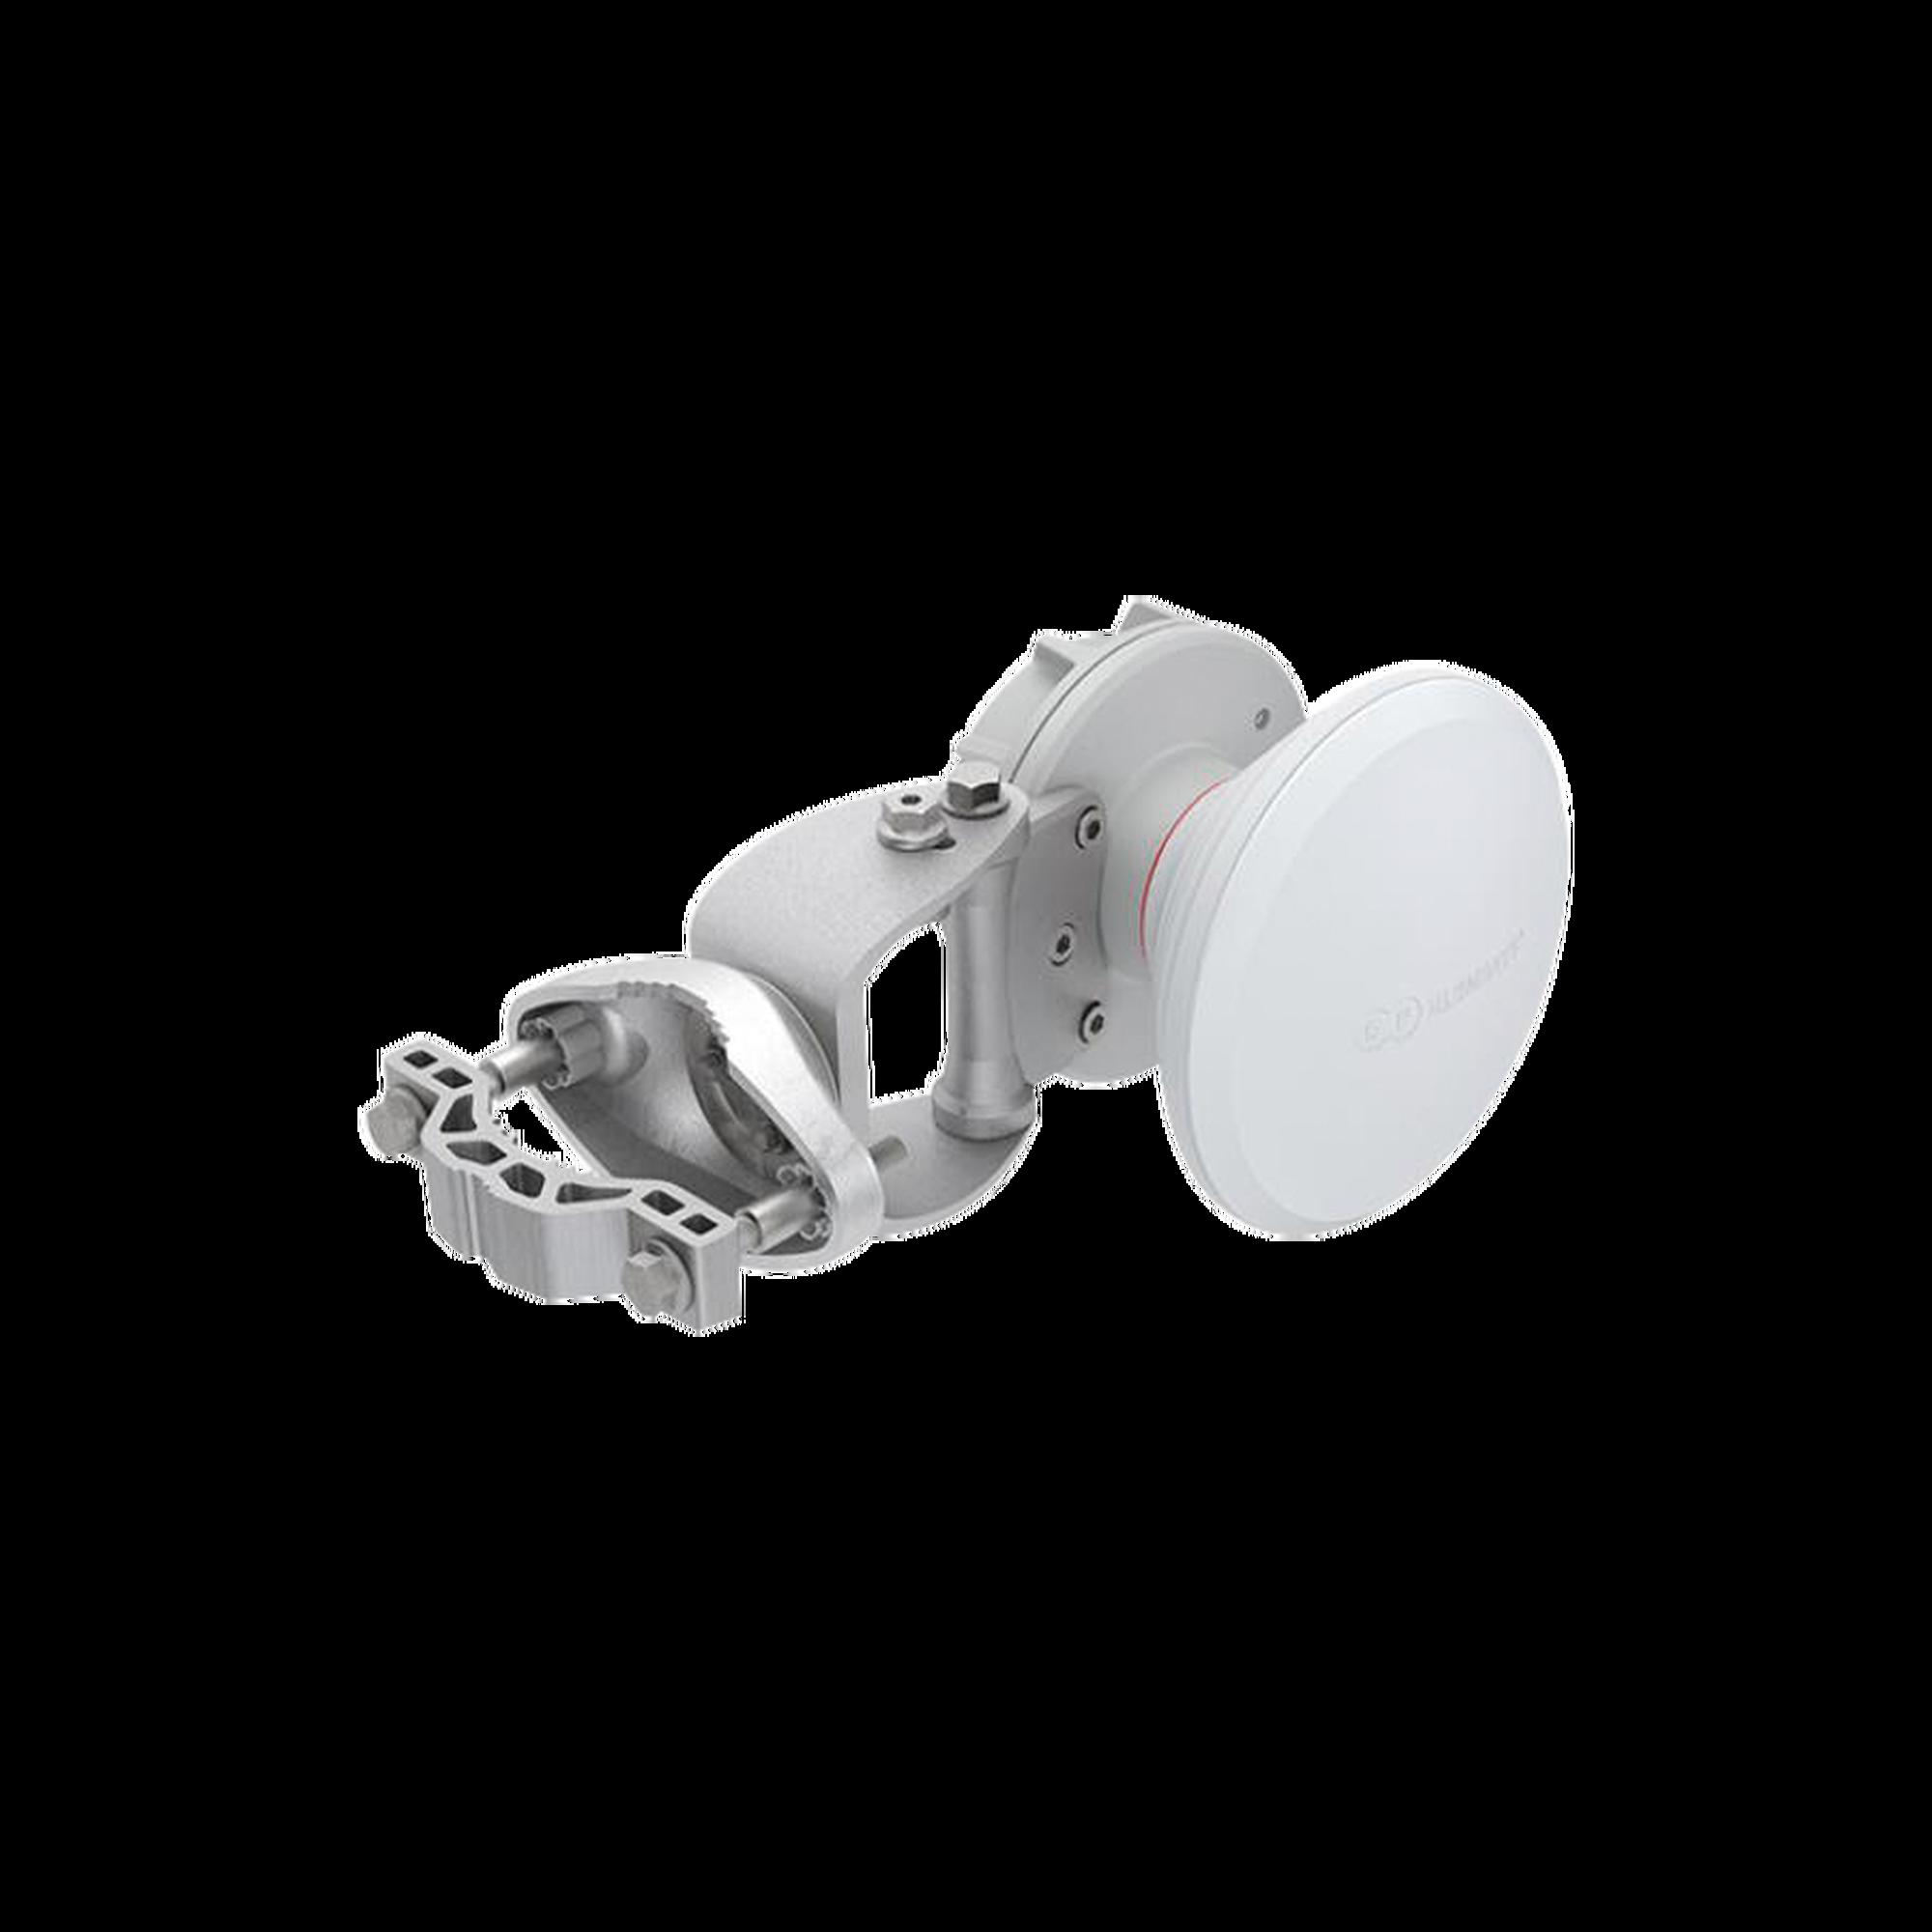 Antena Sectorial Simétrica GEN2 de 50? 5180-6400 MHz, 14.3 dBi con soporte mejorado, listas para TwisPort sin perdida